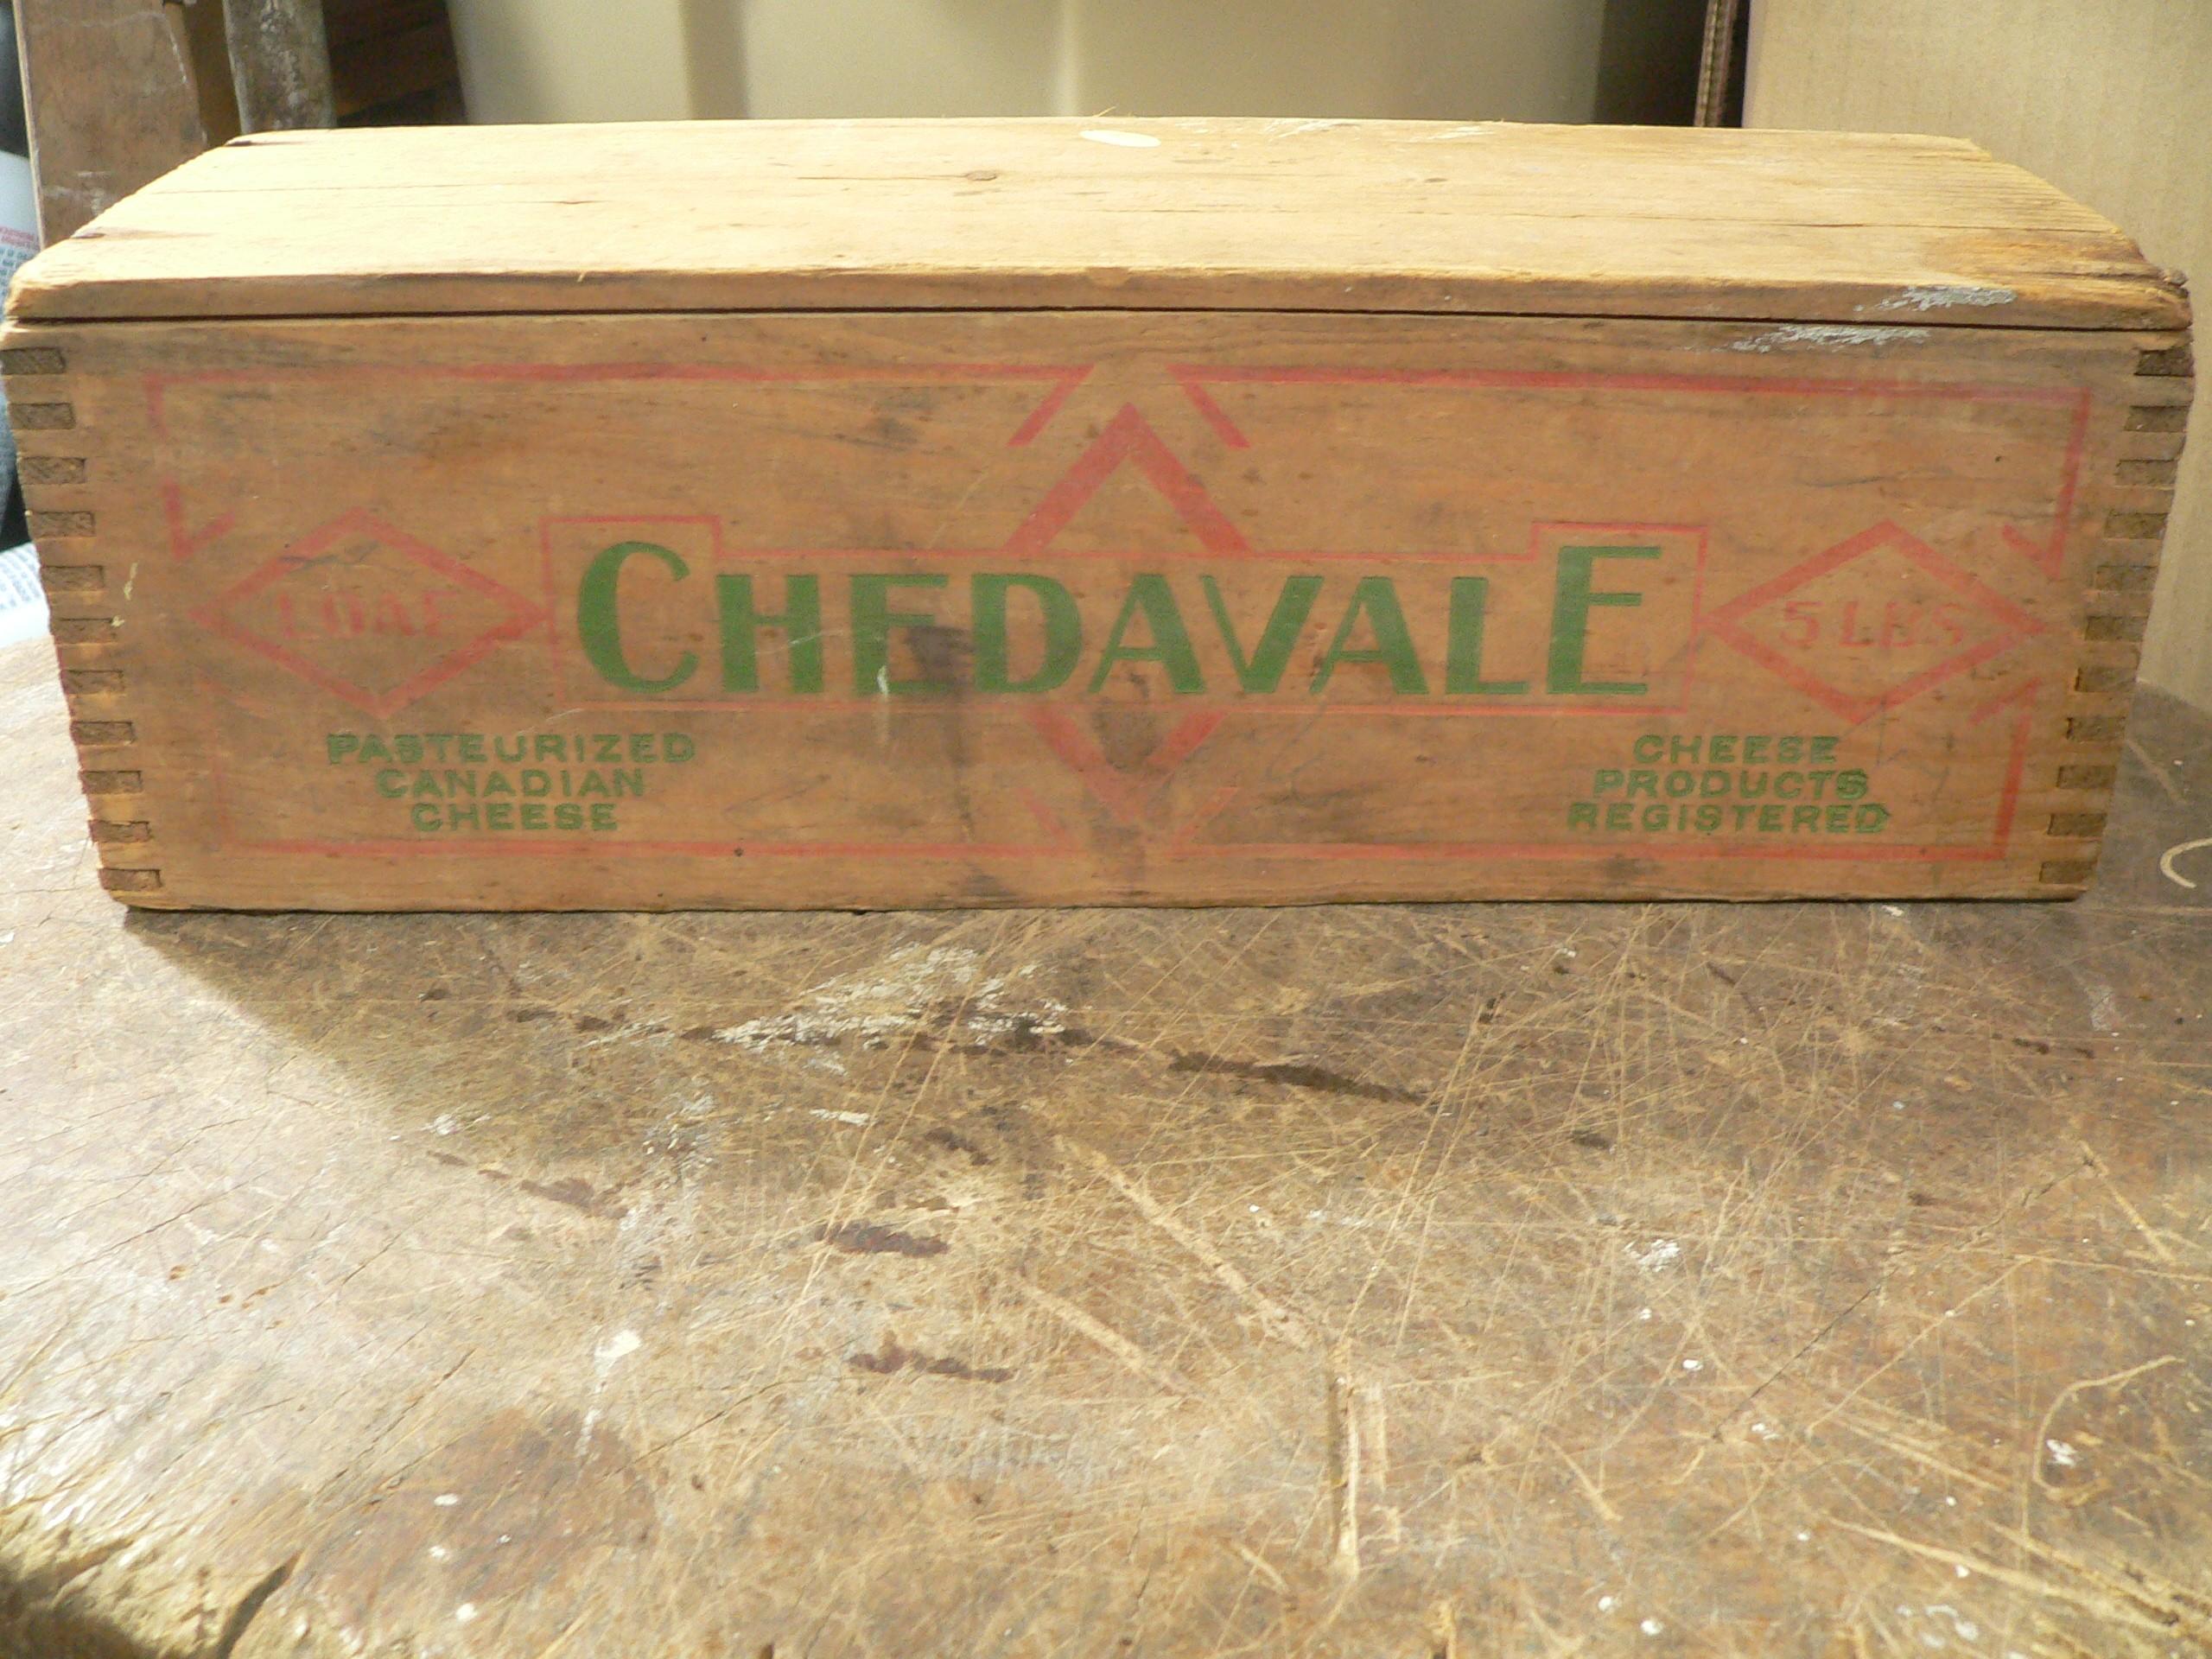 Boite de fromage chedavale # 8105.12